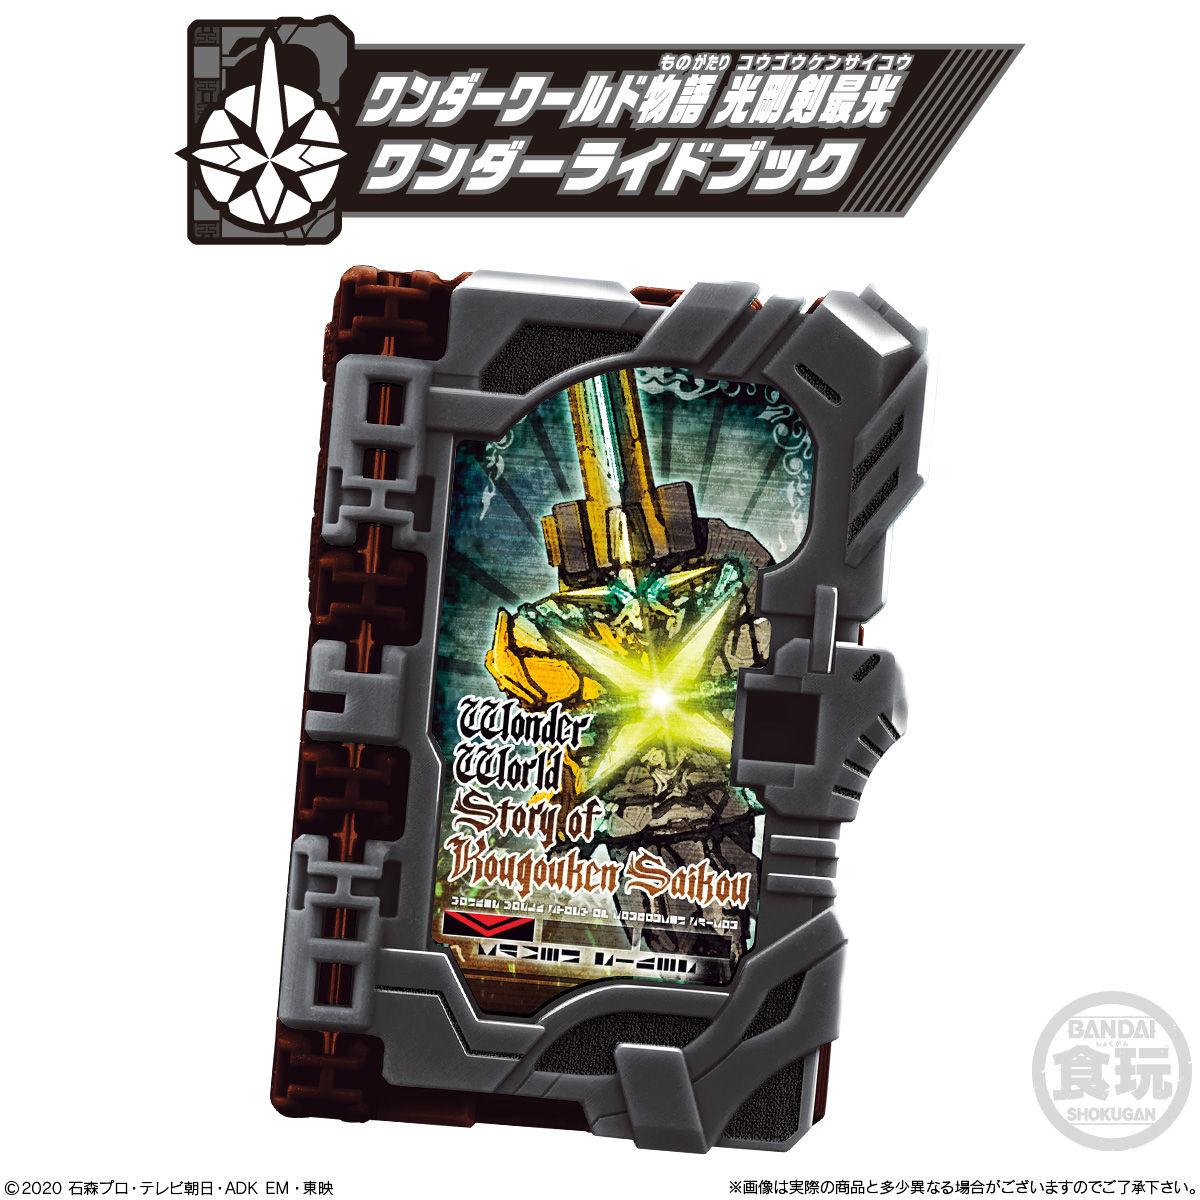 【食玩】仮面ライダーセイバー『コレクタブルワンダーライドブック SG07』8個入りBOX-003